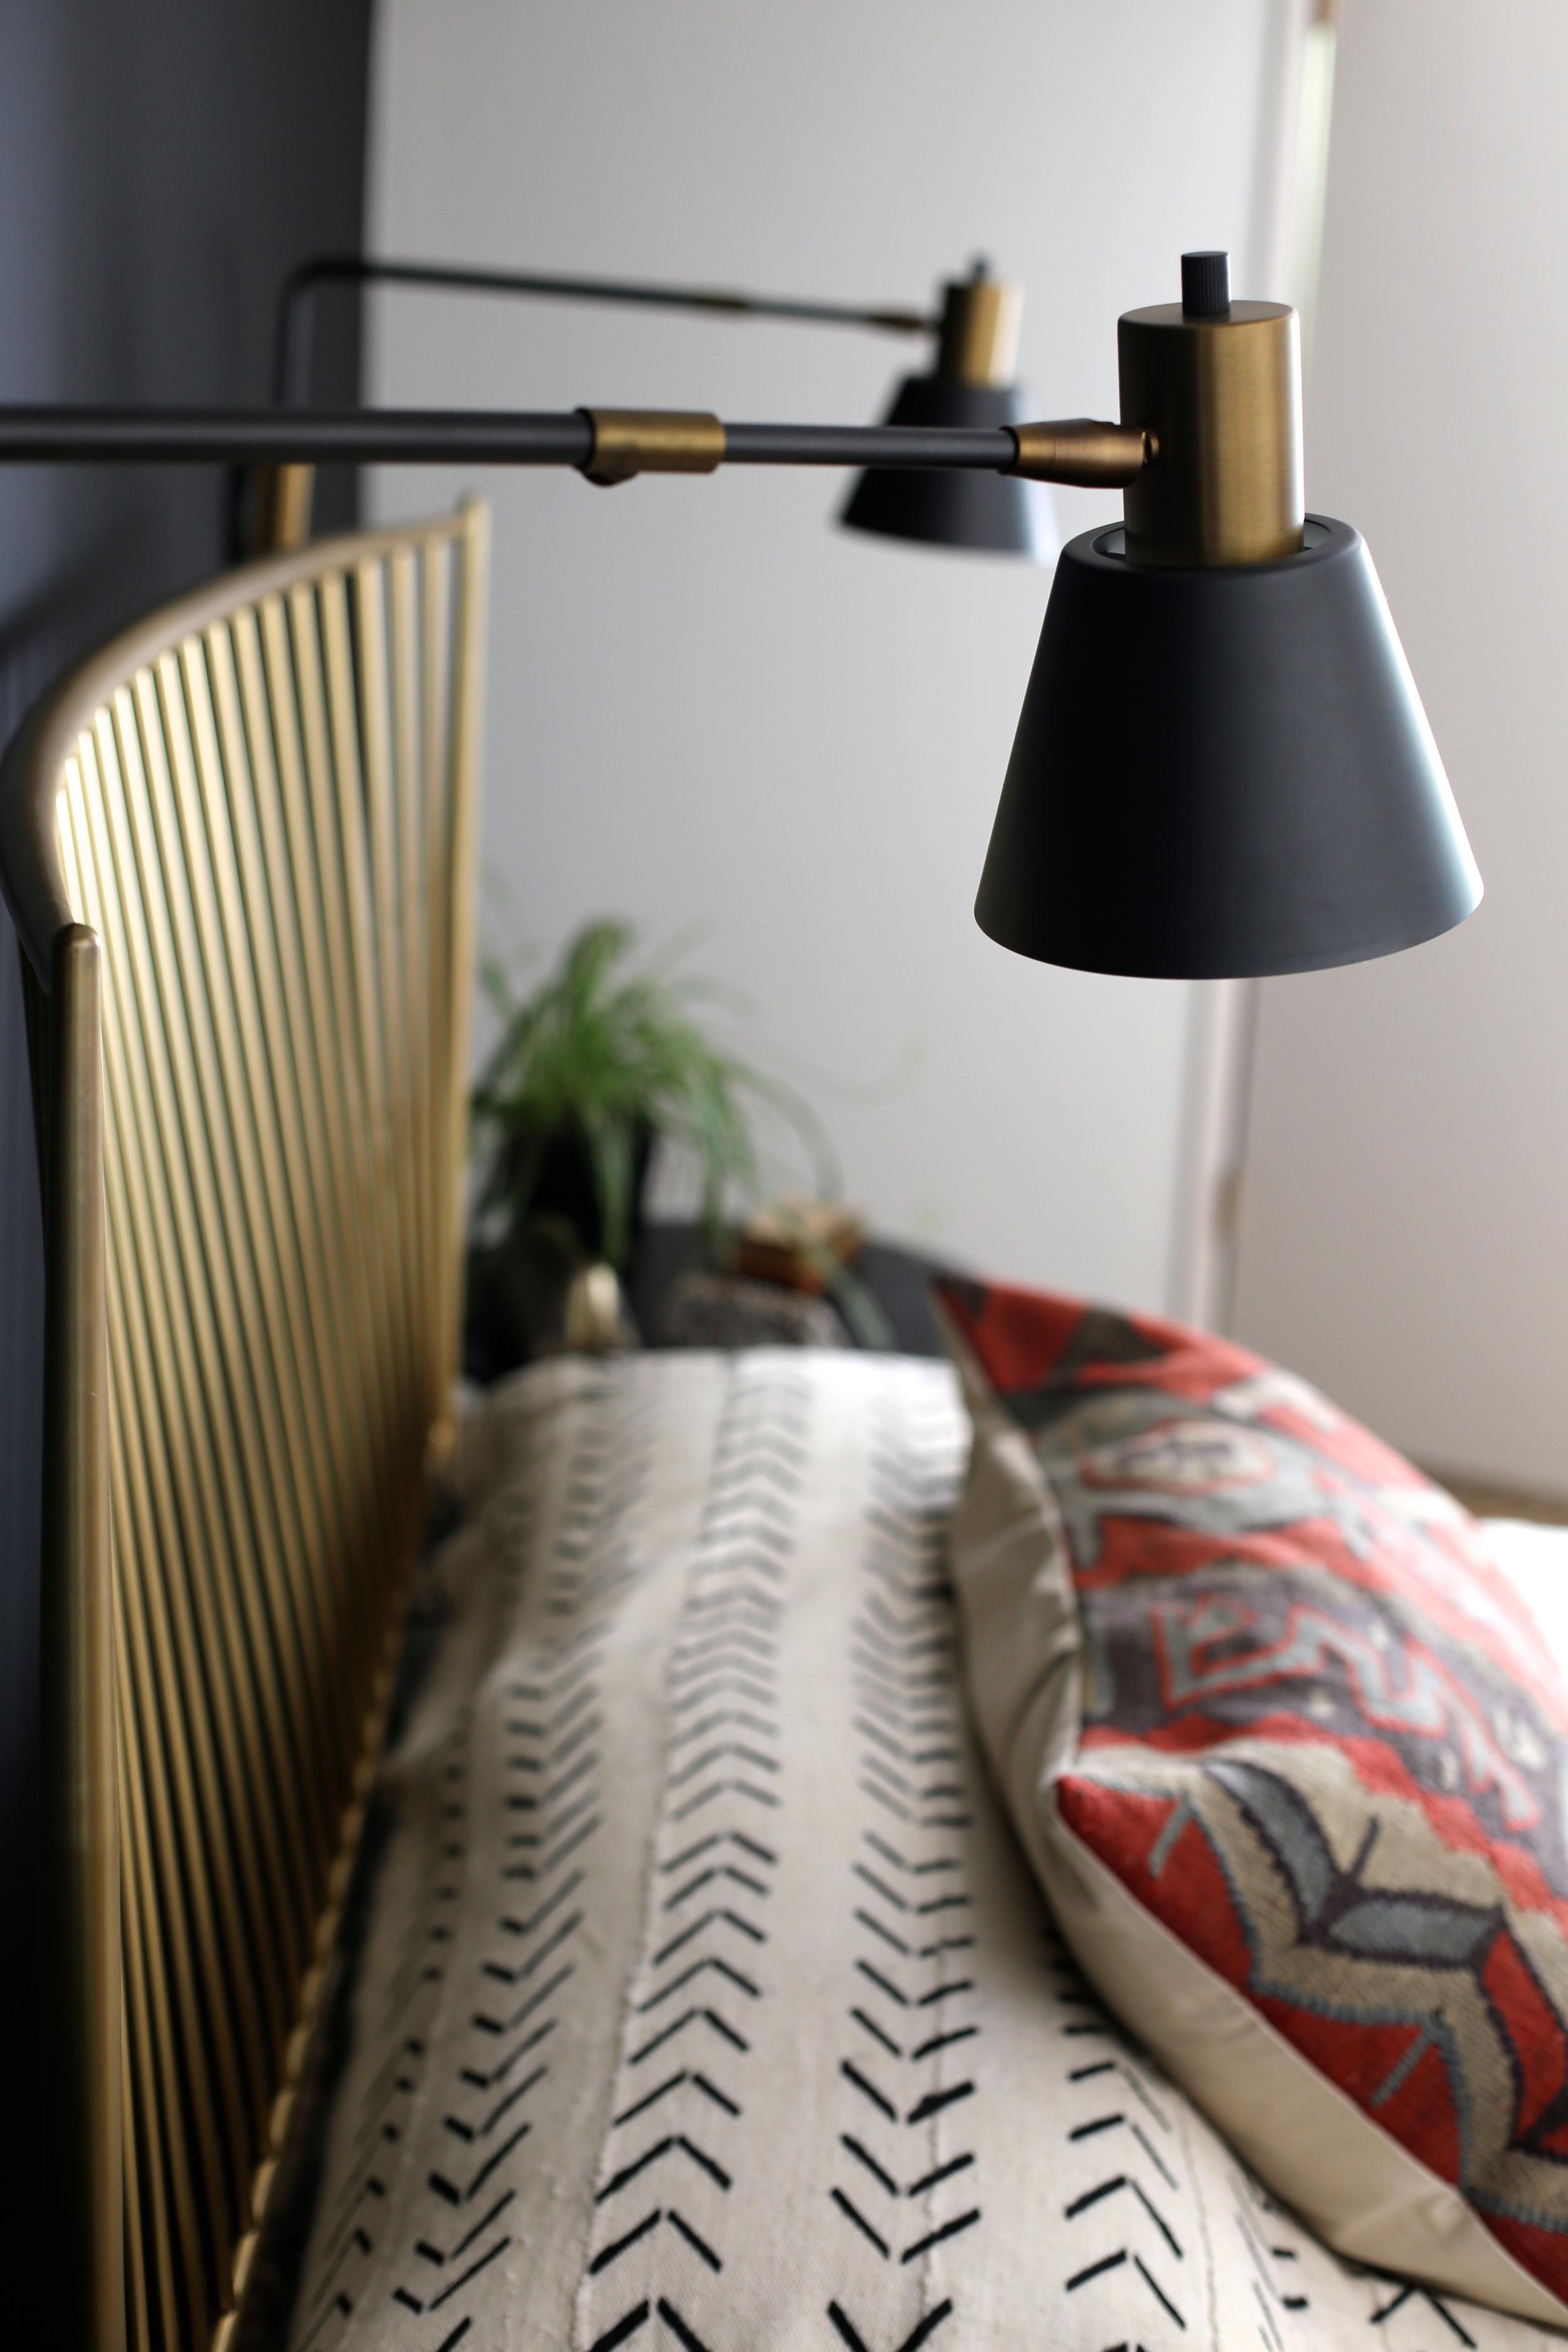 West Elm Stella Bed Blog Co Home